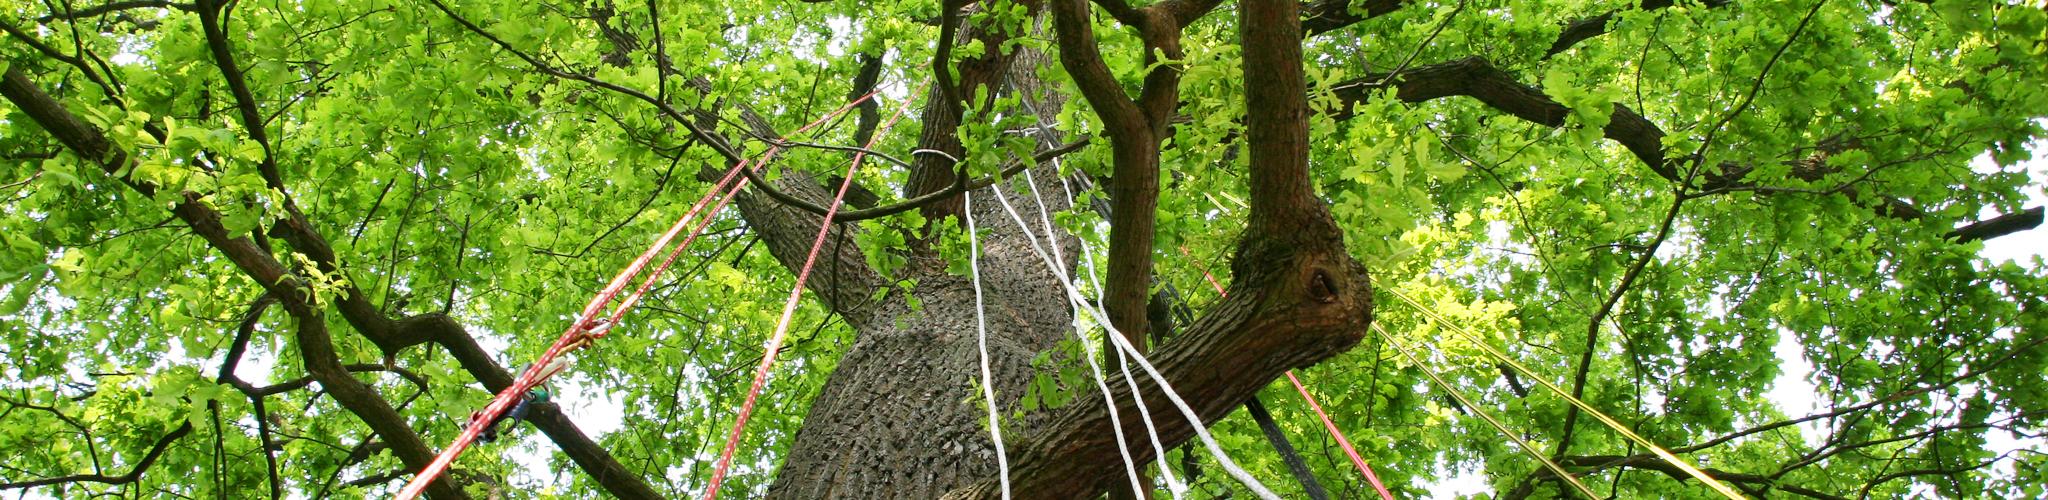 Baum, vorbereitet für den Aufgstieg